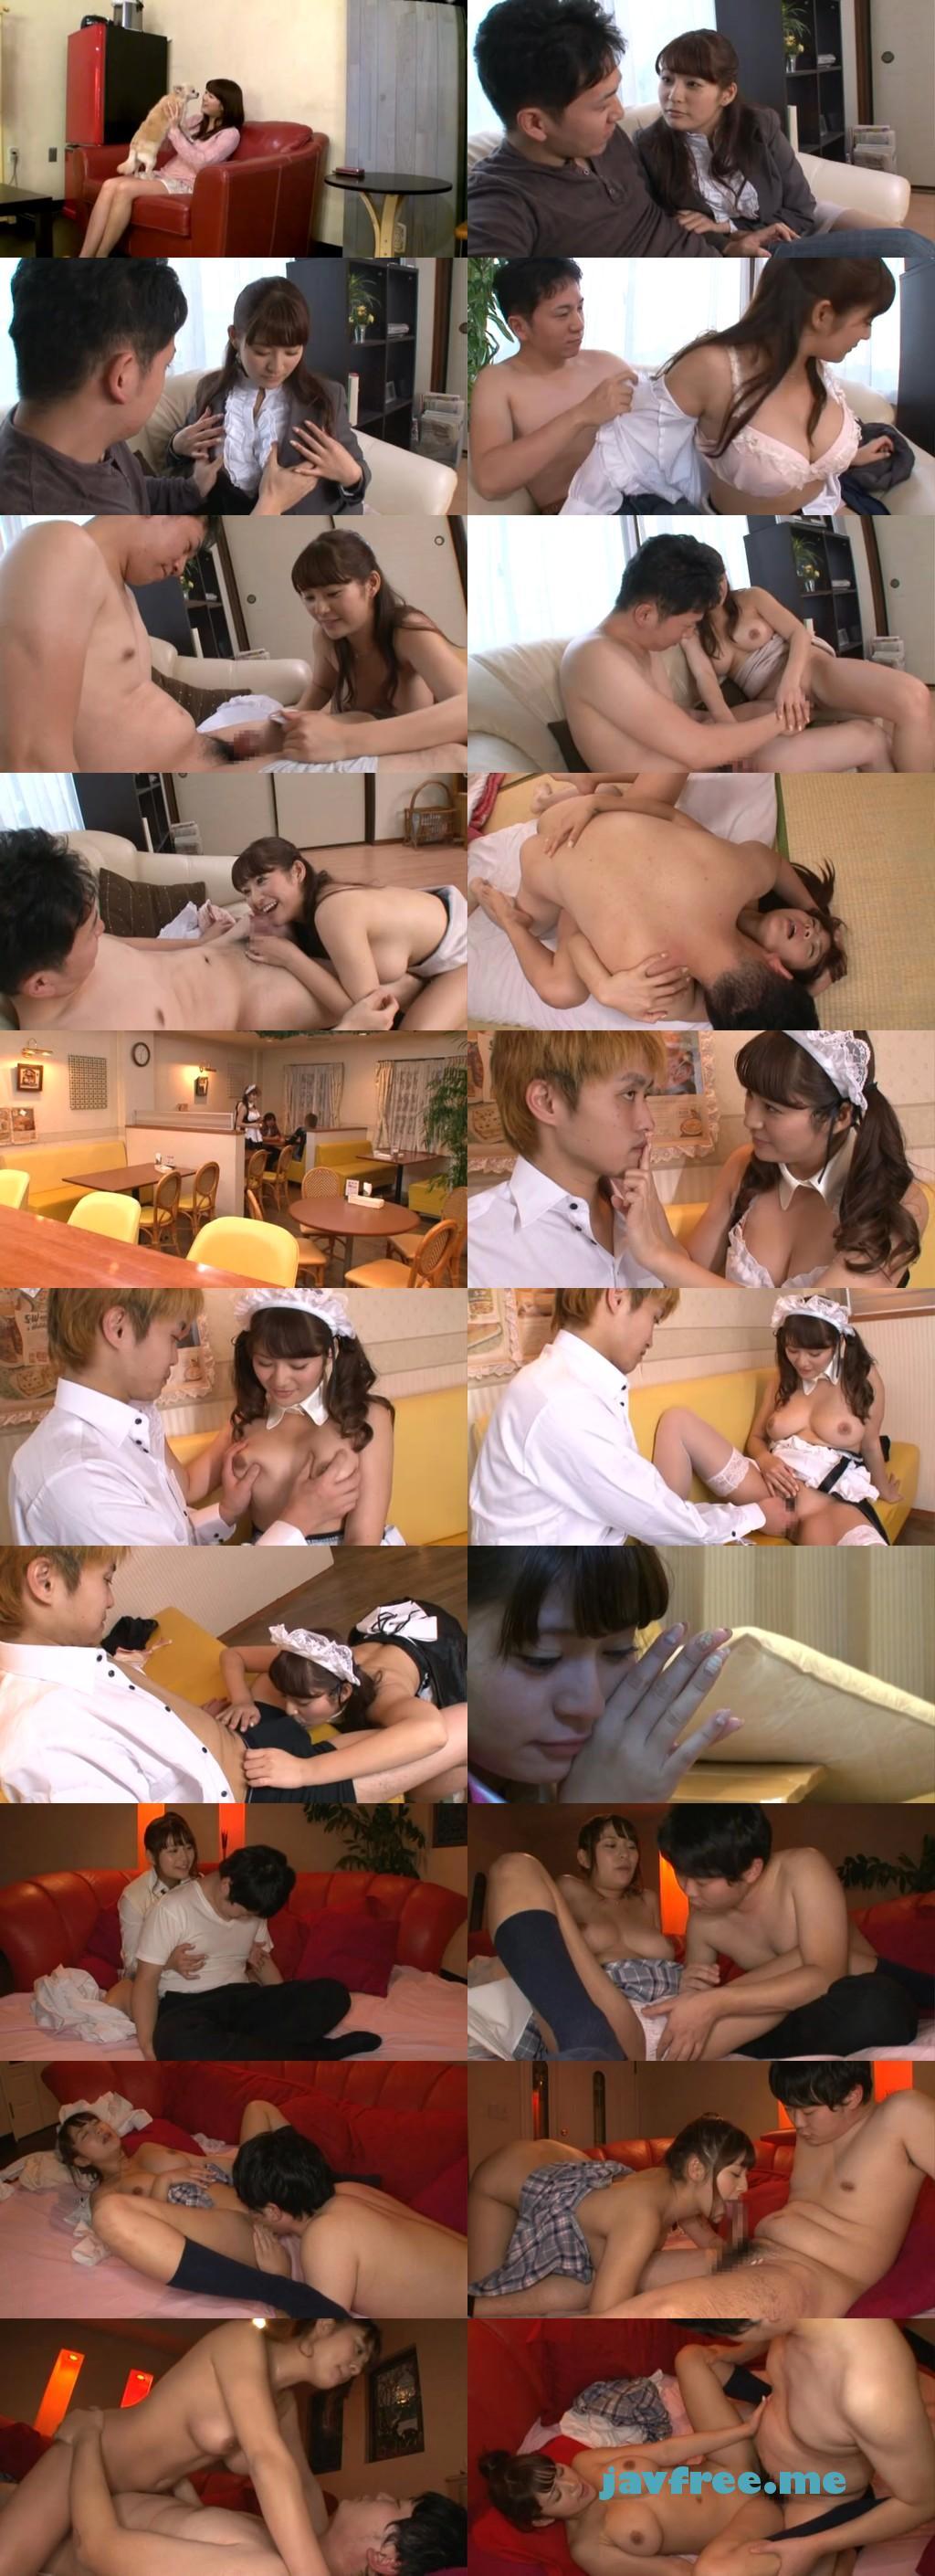 [SACE 062] 素人参加企画!めぐりちゃんが童貞クンの妄想初体験を叶えます! 藤浦めぐ めぐり SACE